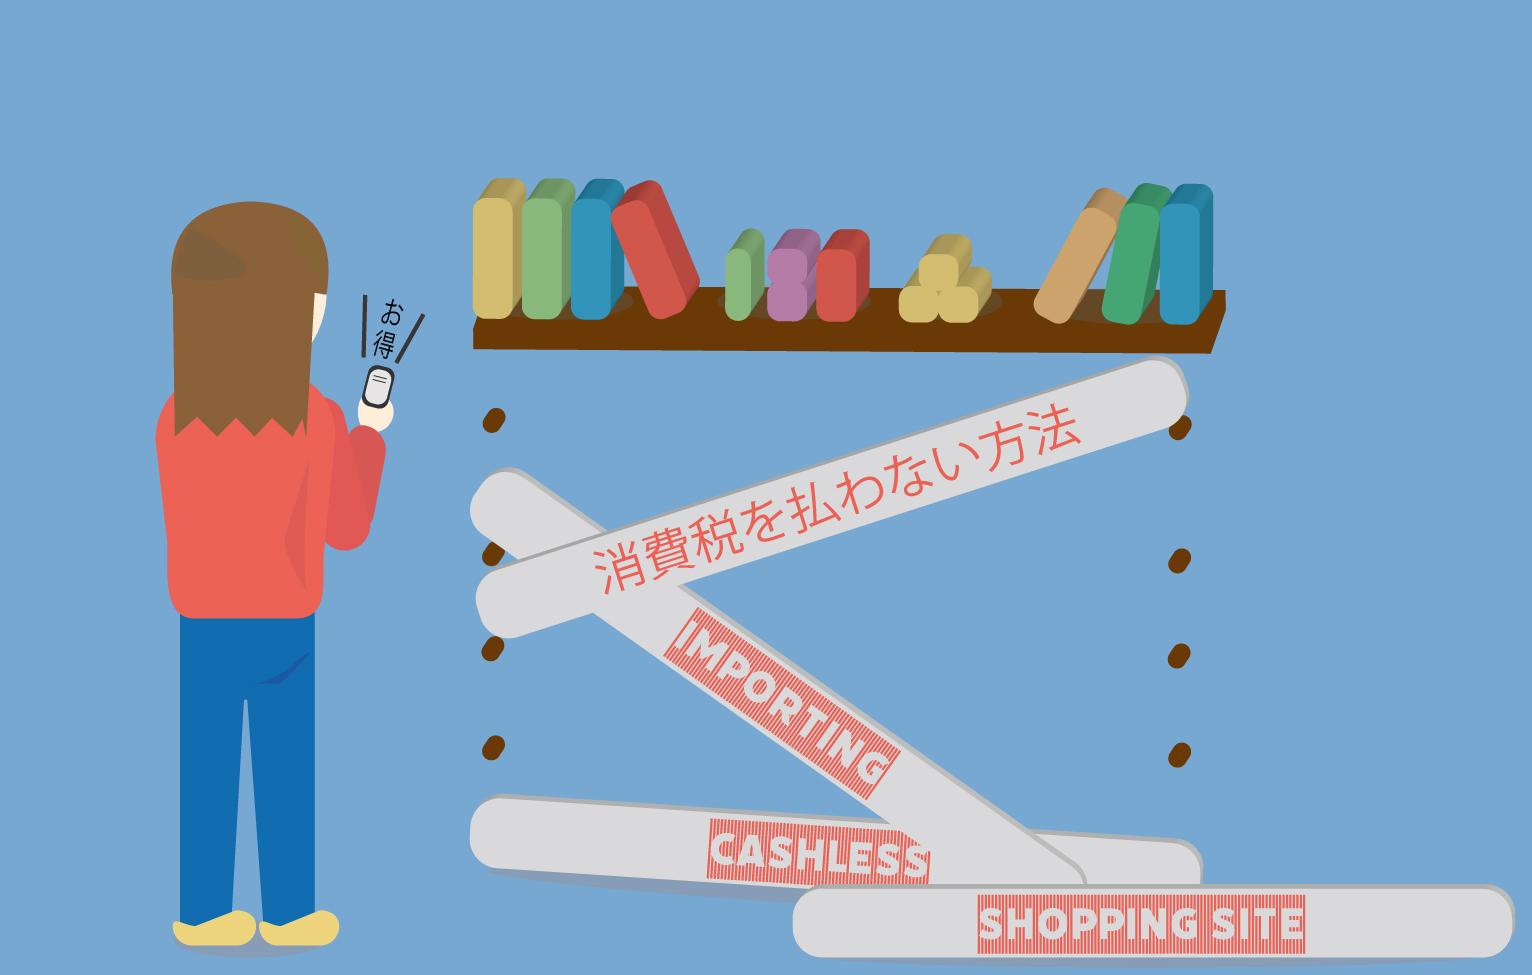 消費税を払わない方法